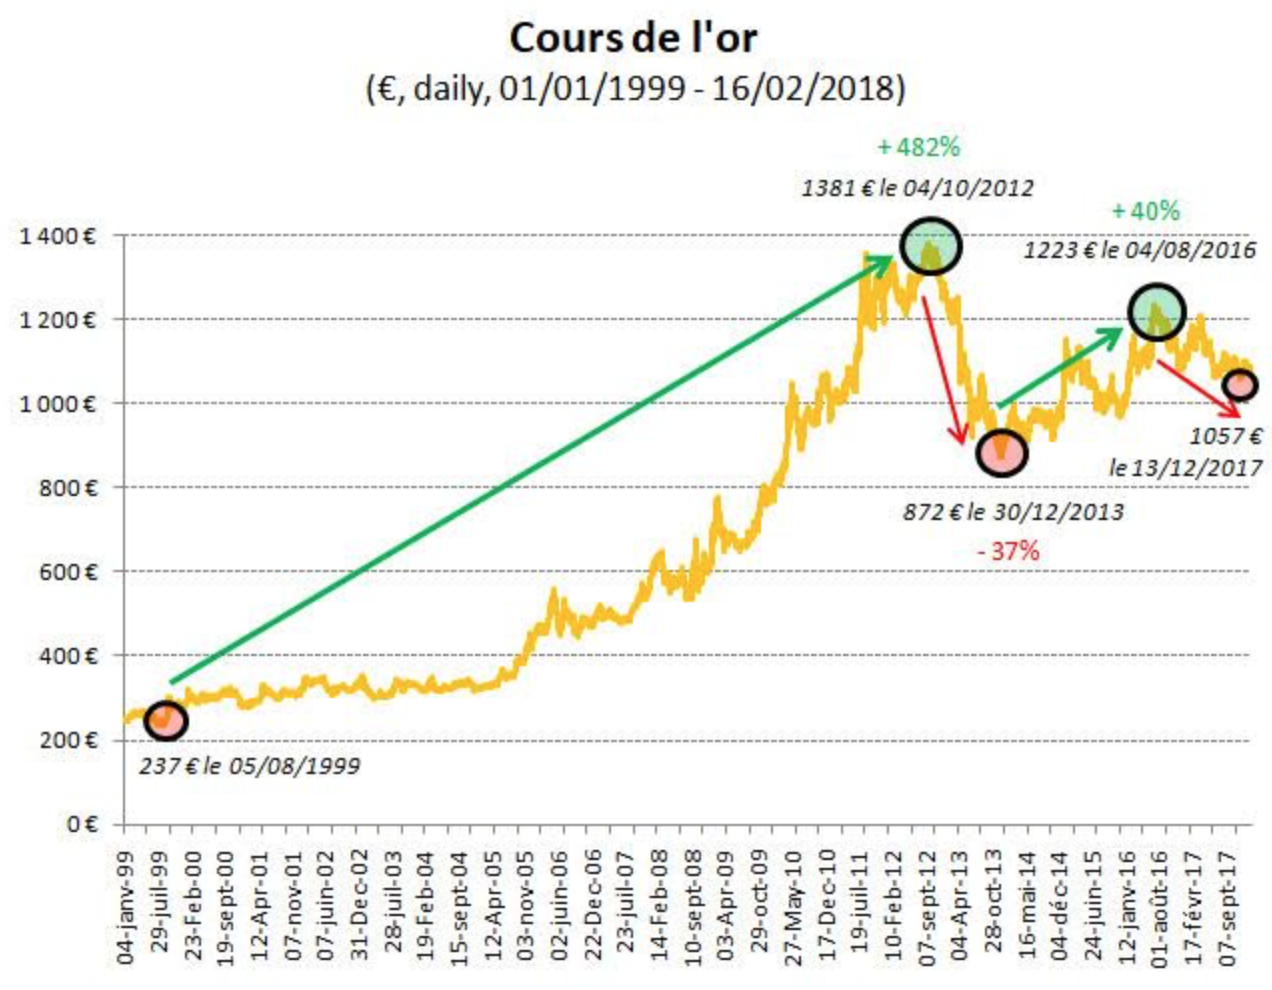 Graphique du cours de l'or 1999-2018